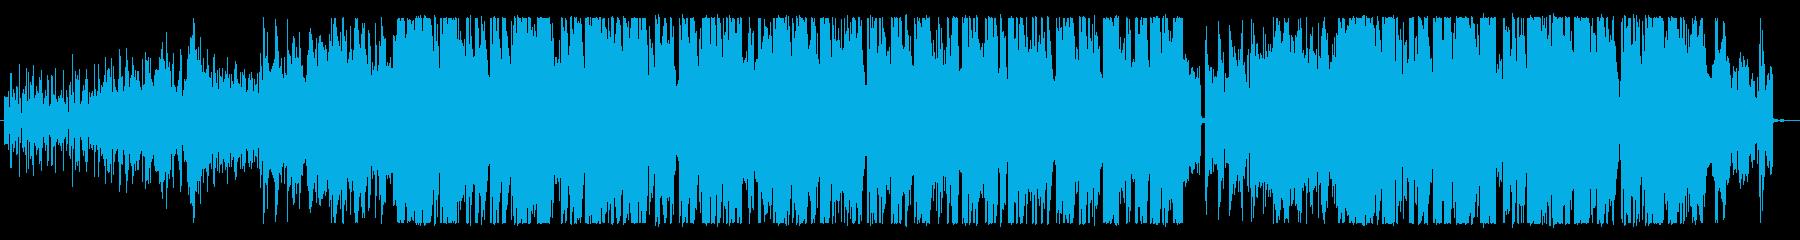 メロディアスなピアノポップの再生済みの波形